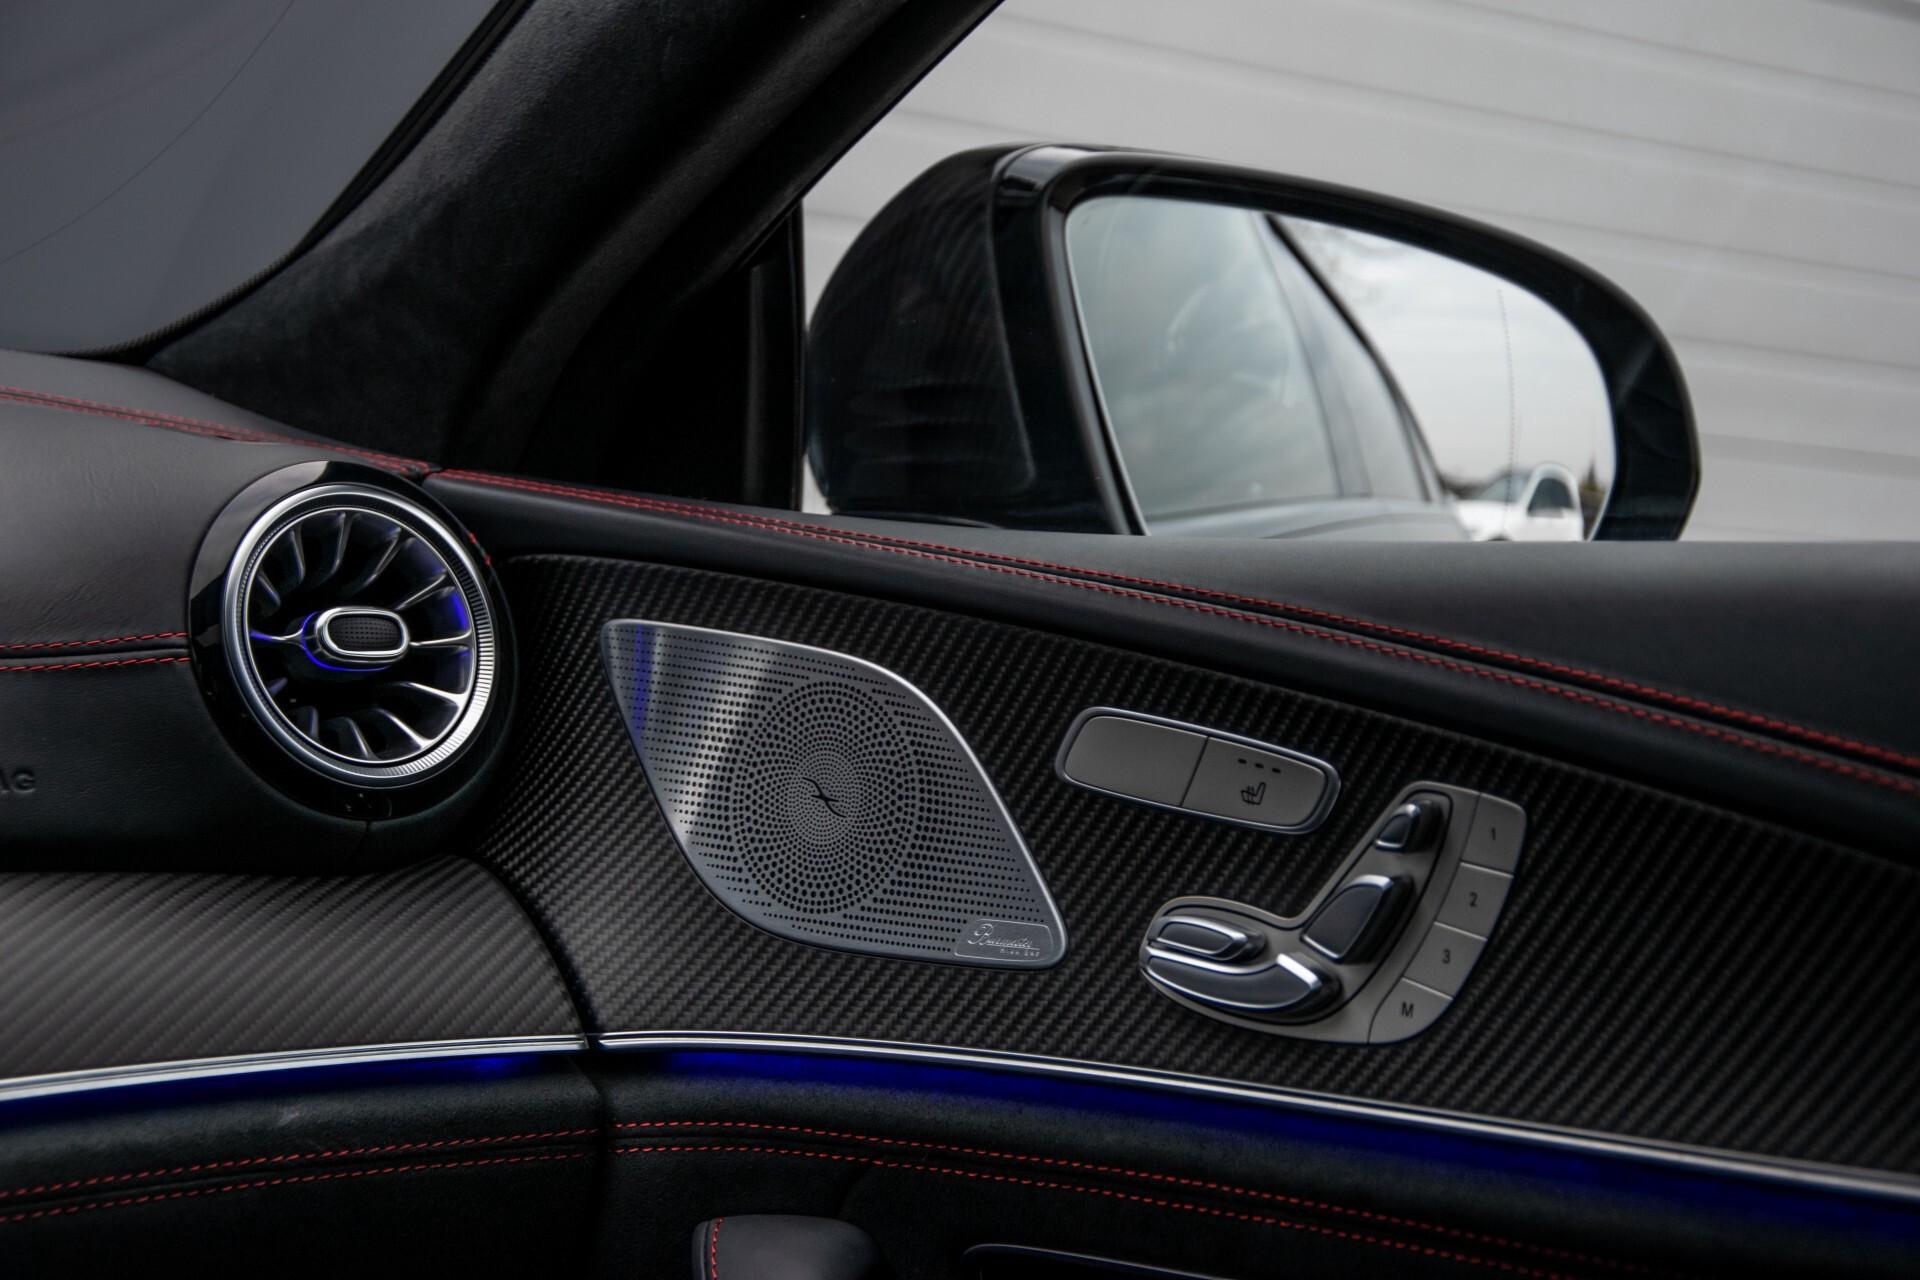 Mercedes-Benz AMG GT 4-Door Coupe 63 S 4M+ Keramisch/Full Carbon/Aerodynamica/Burmester 3D/TV/Performance stoelen/Standkachel Aut9 Foto 61